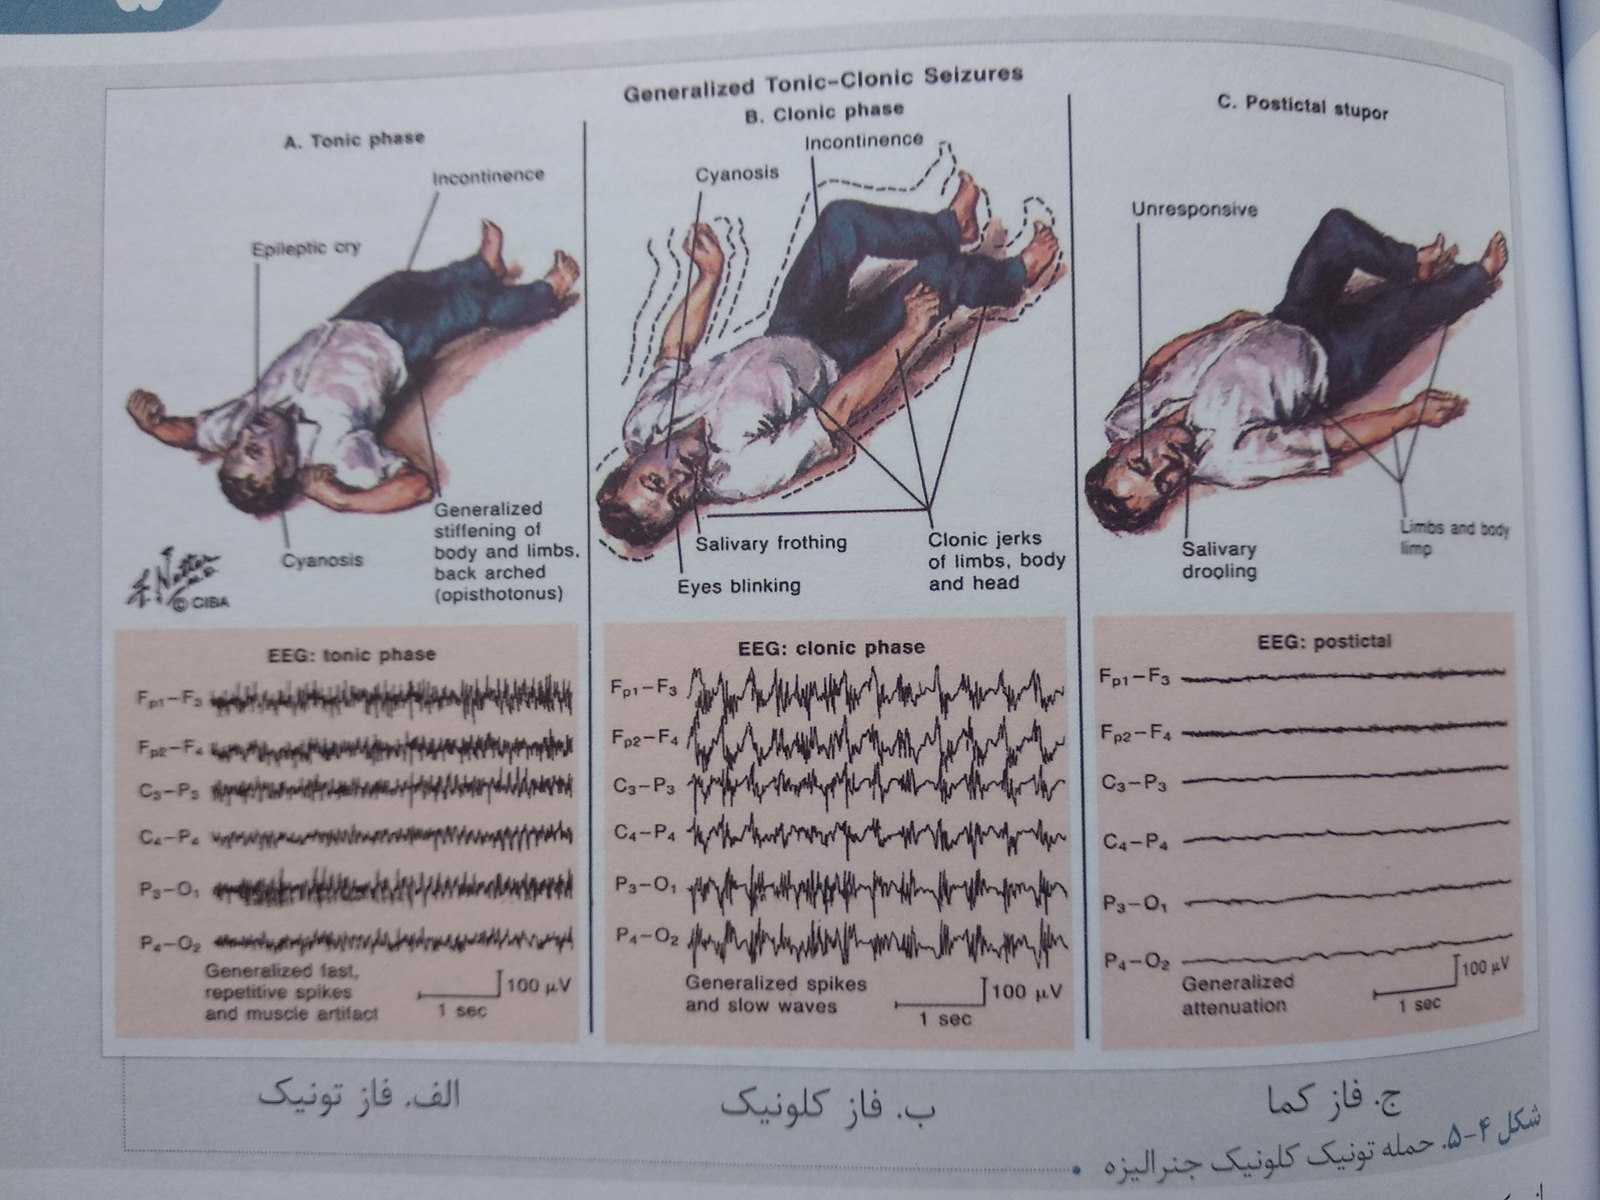 حمله تونیک کلونیک ( درسنامه بیماری های مغز و اعصاب